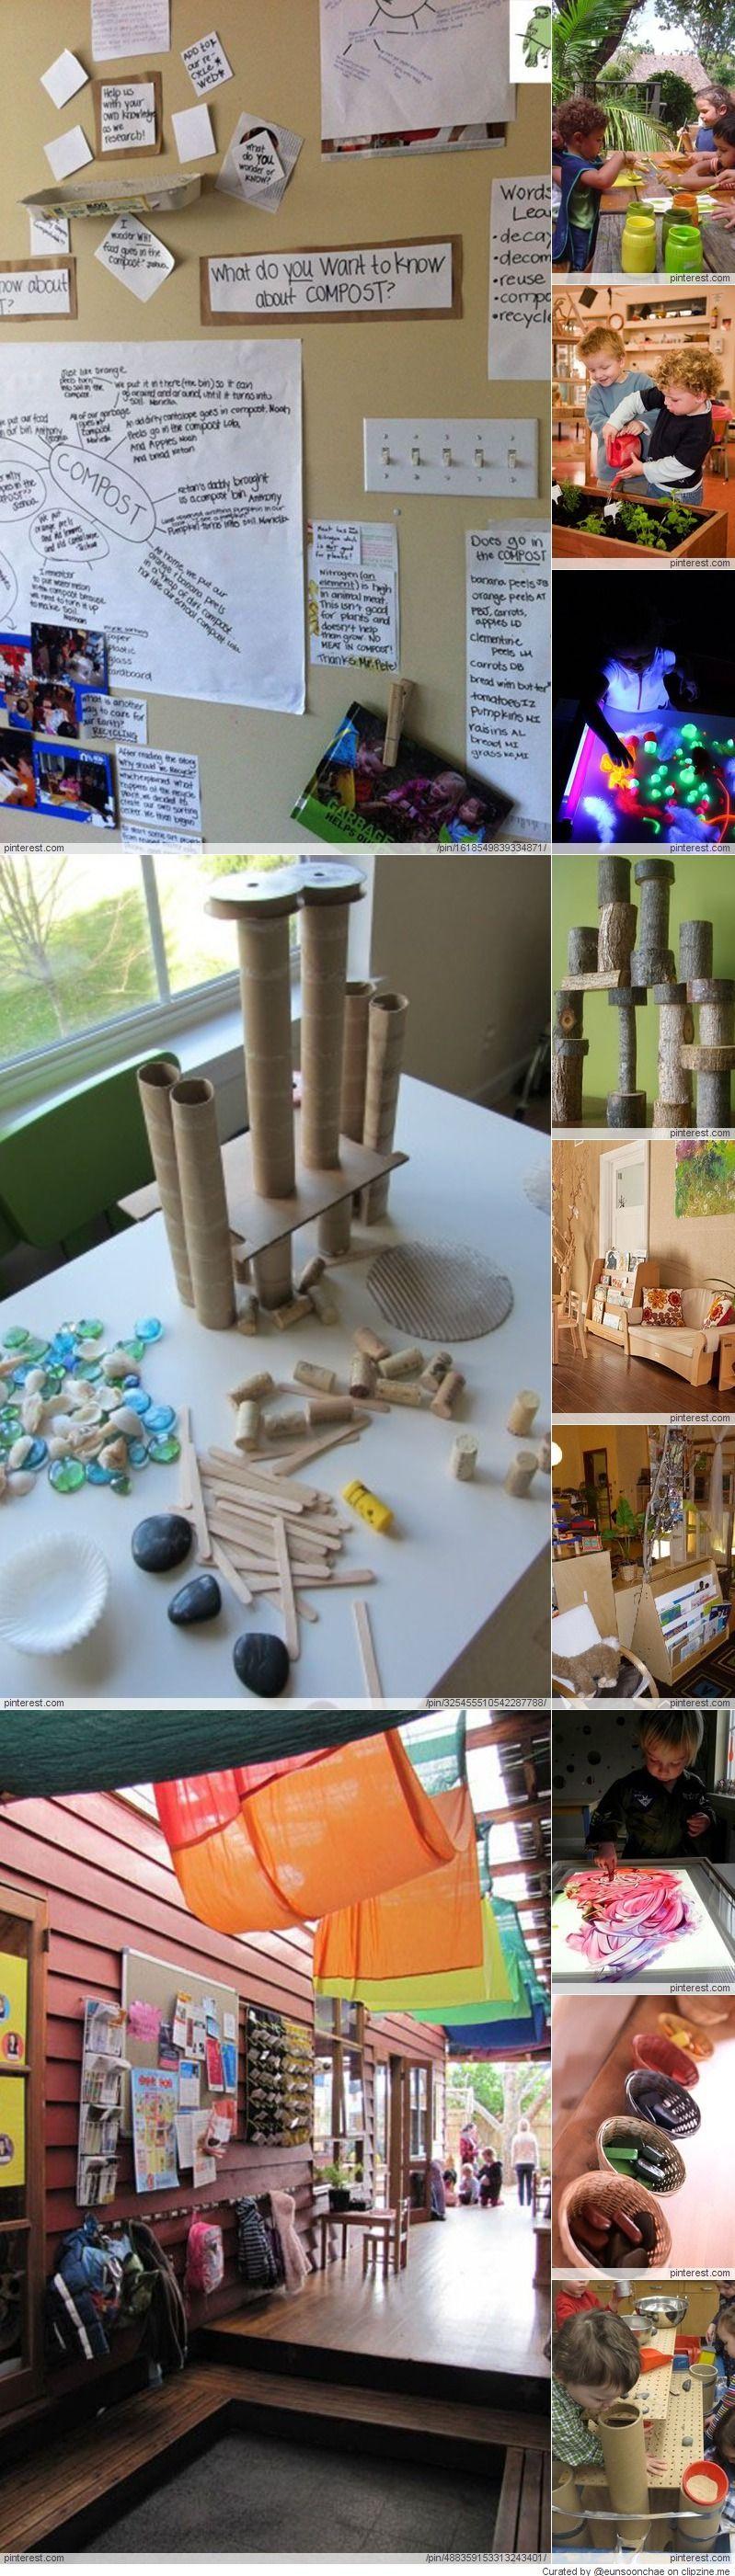 Reggio emilia inspired classroom schule reggio for Raumgestaltung reggio